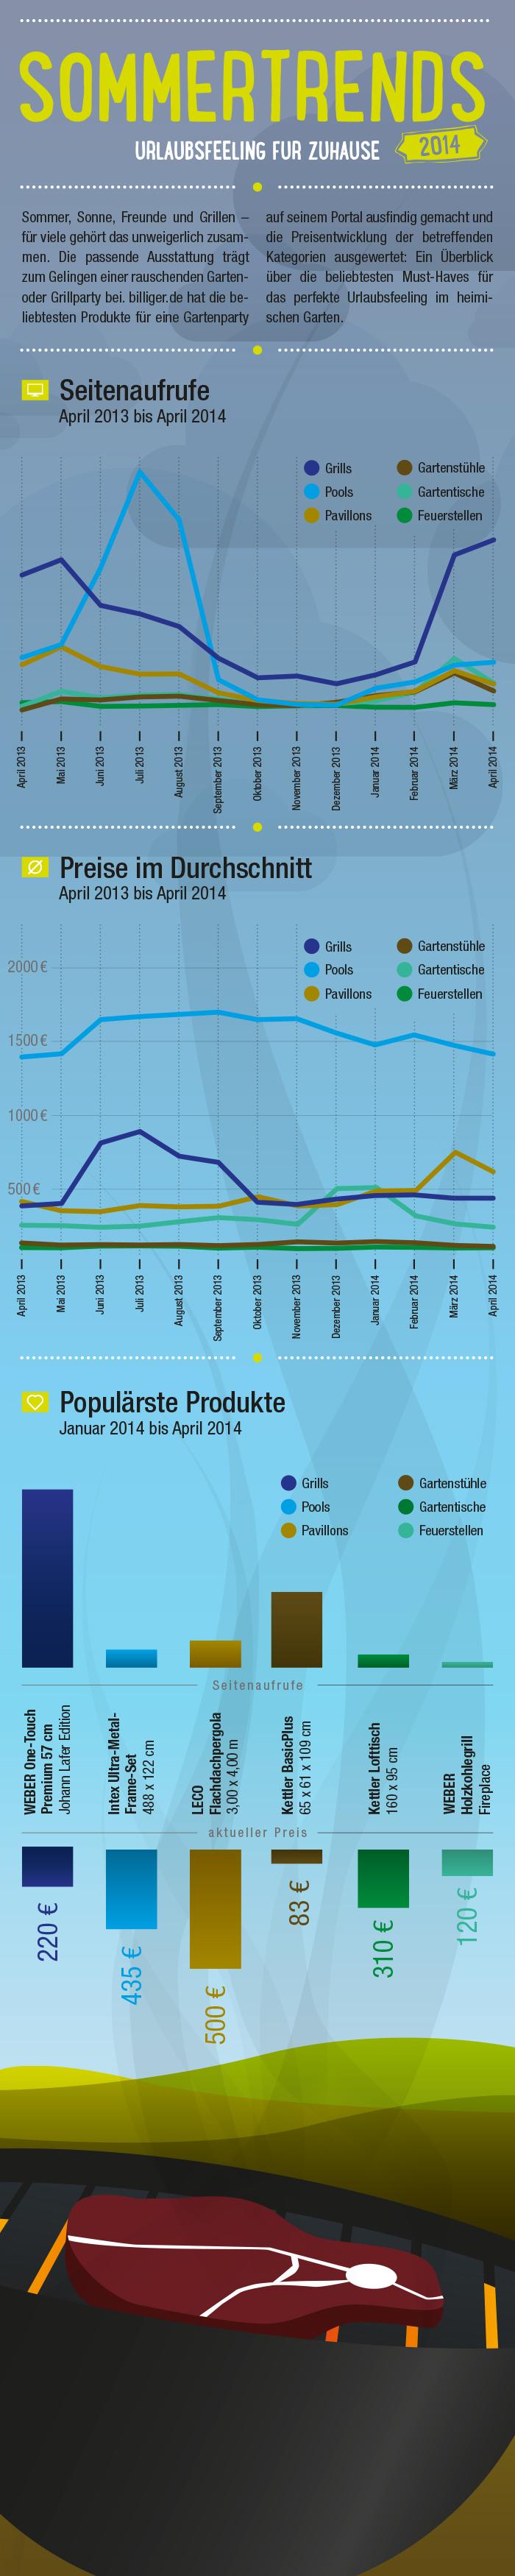 Infografik: Sommertrends